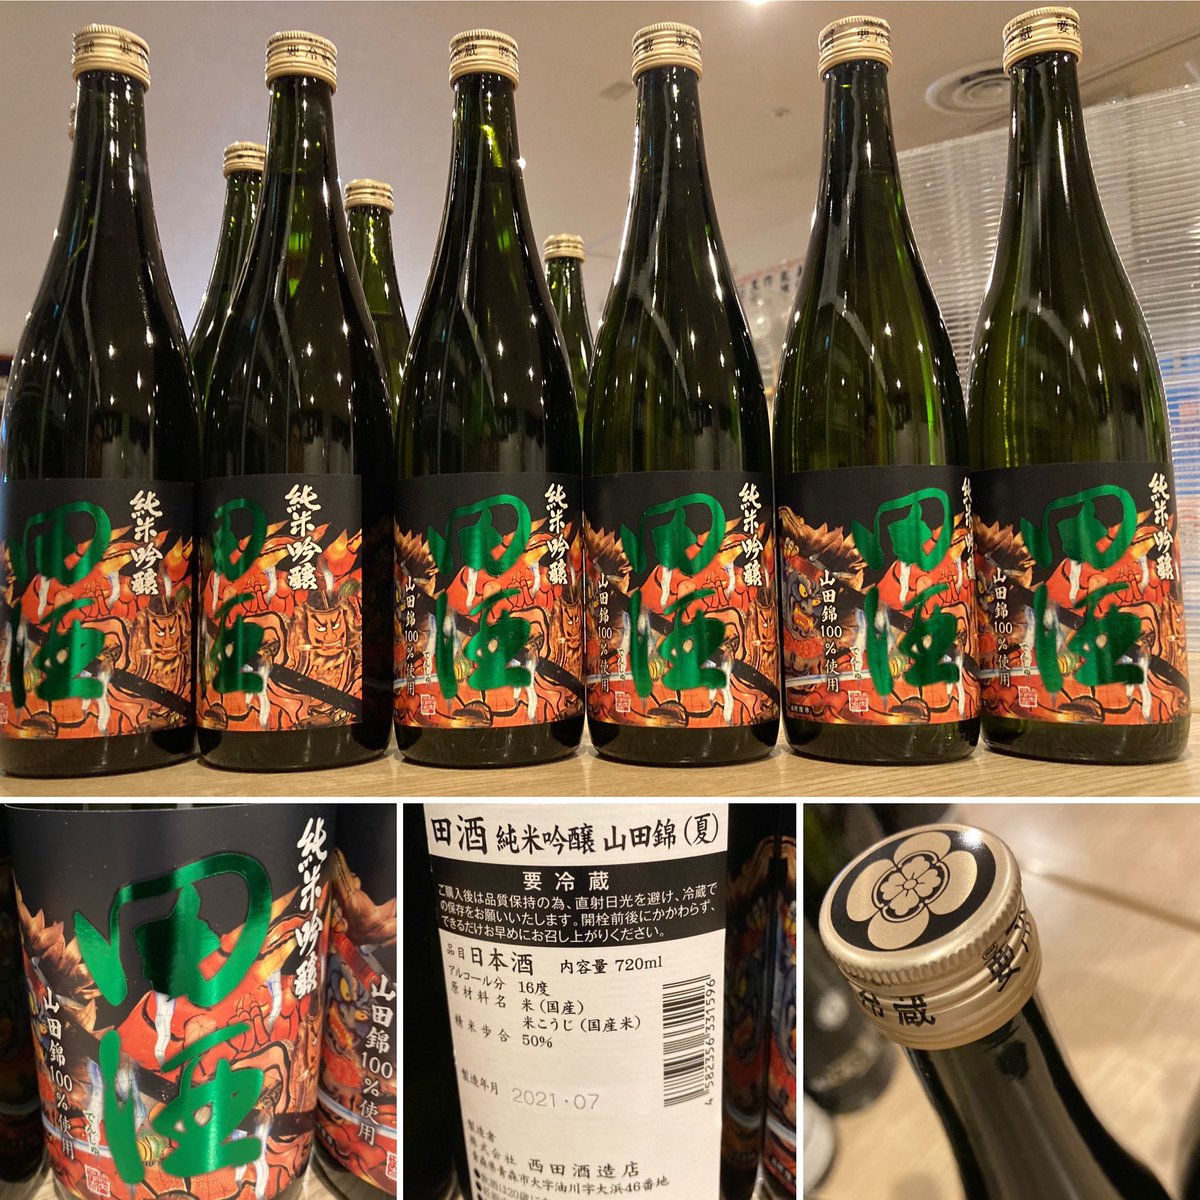 test ツイッターメディア - 青森県の西田酒造店の日本酒  田酒 純米吟醸 山田錦火入れが入荷してきました。  昨年までは生と火入れの2種類が出ていましたが、今期からは火入れのみに変わりました。  精米歩合60% アルコール16度 使用米 山田錦 https://t.co/djsC9KPHIA